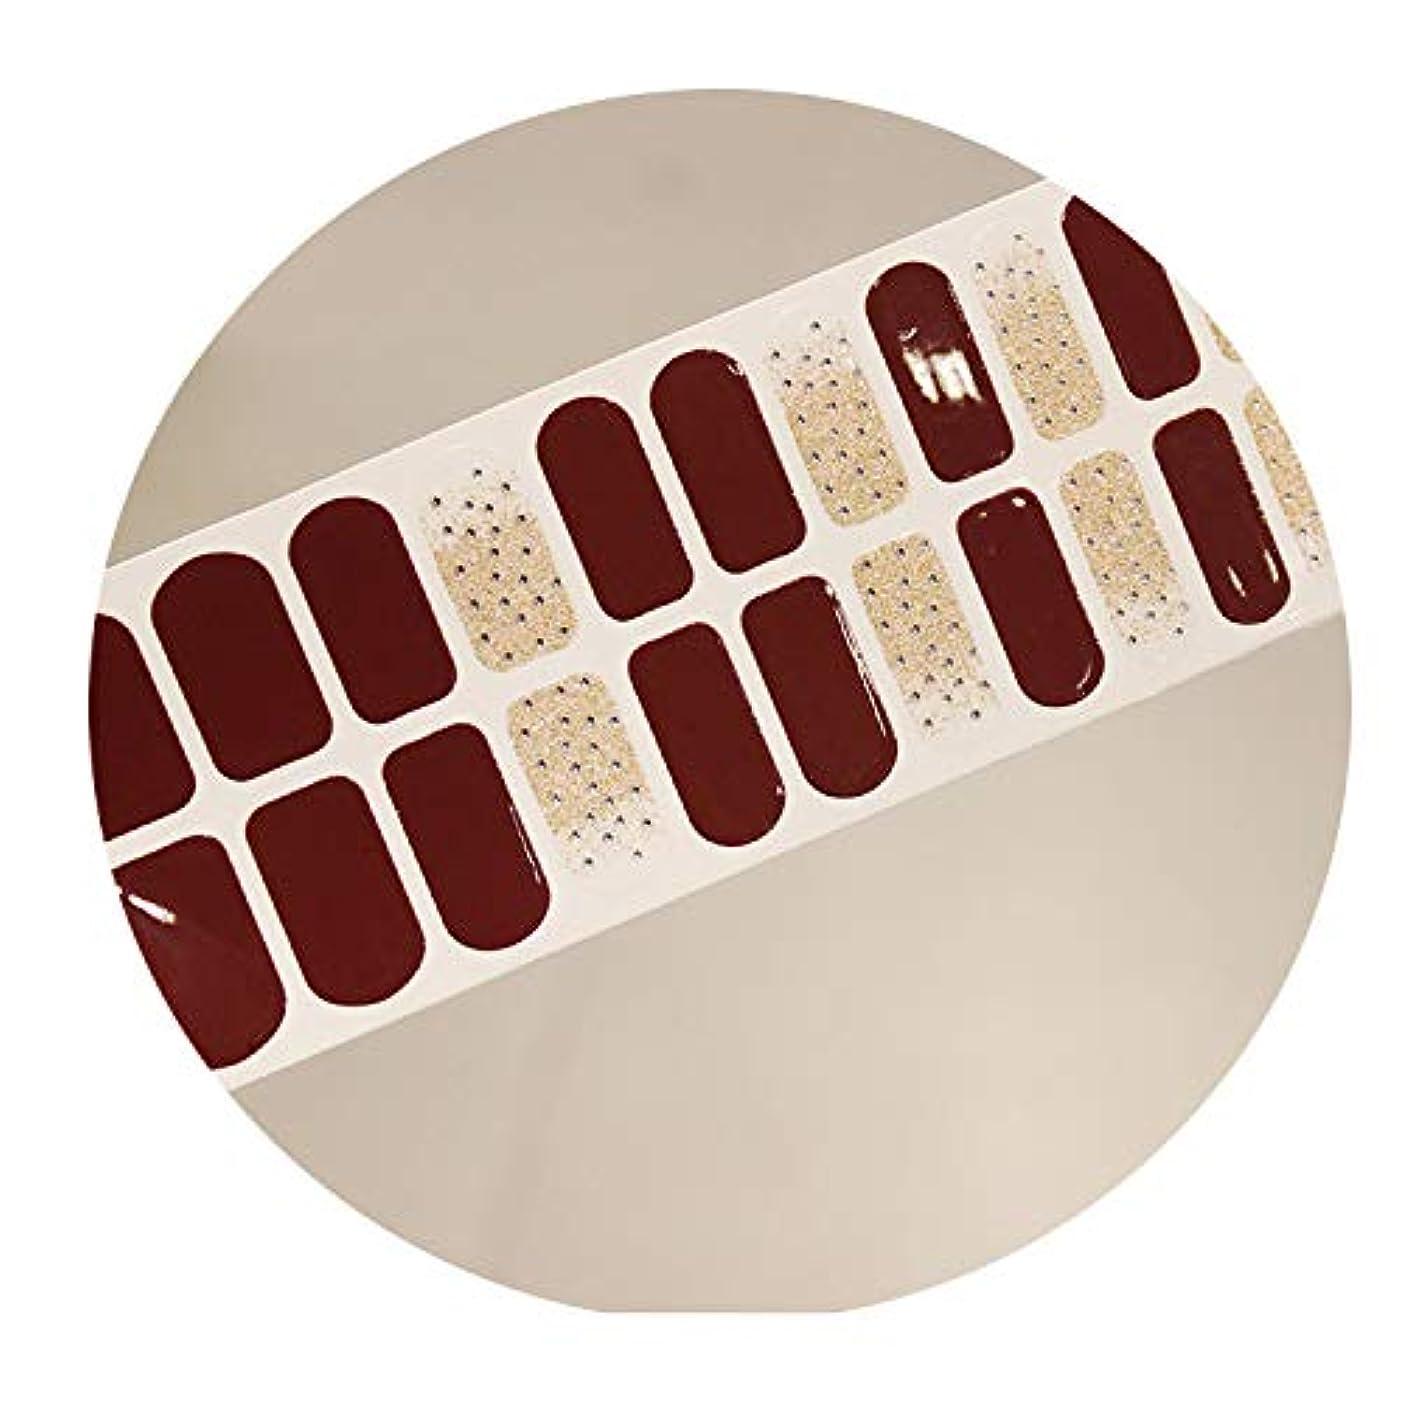 敏感な軽蔑ゴミ箱DIY 3Dネイルステッカーフルカバーキラキラマーブル足指の爪ストリップ防水,SS034